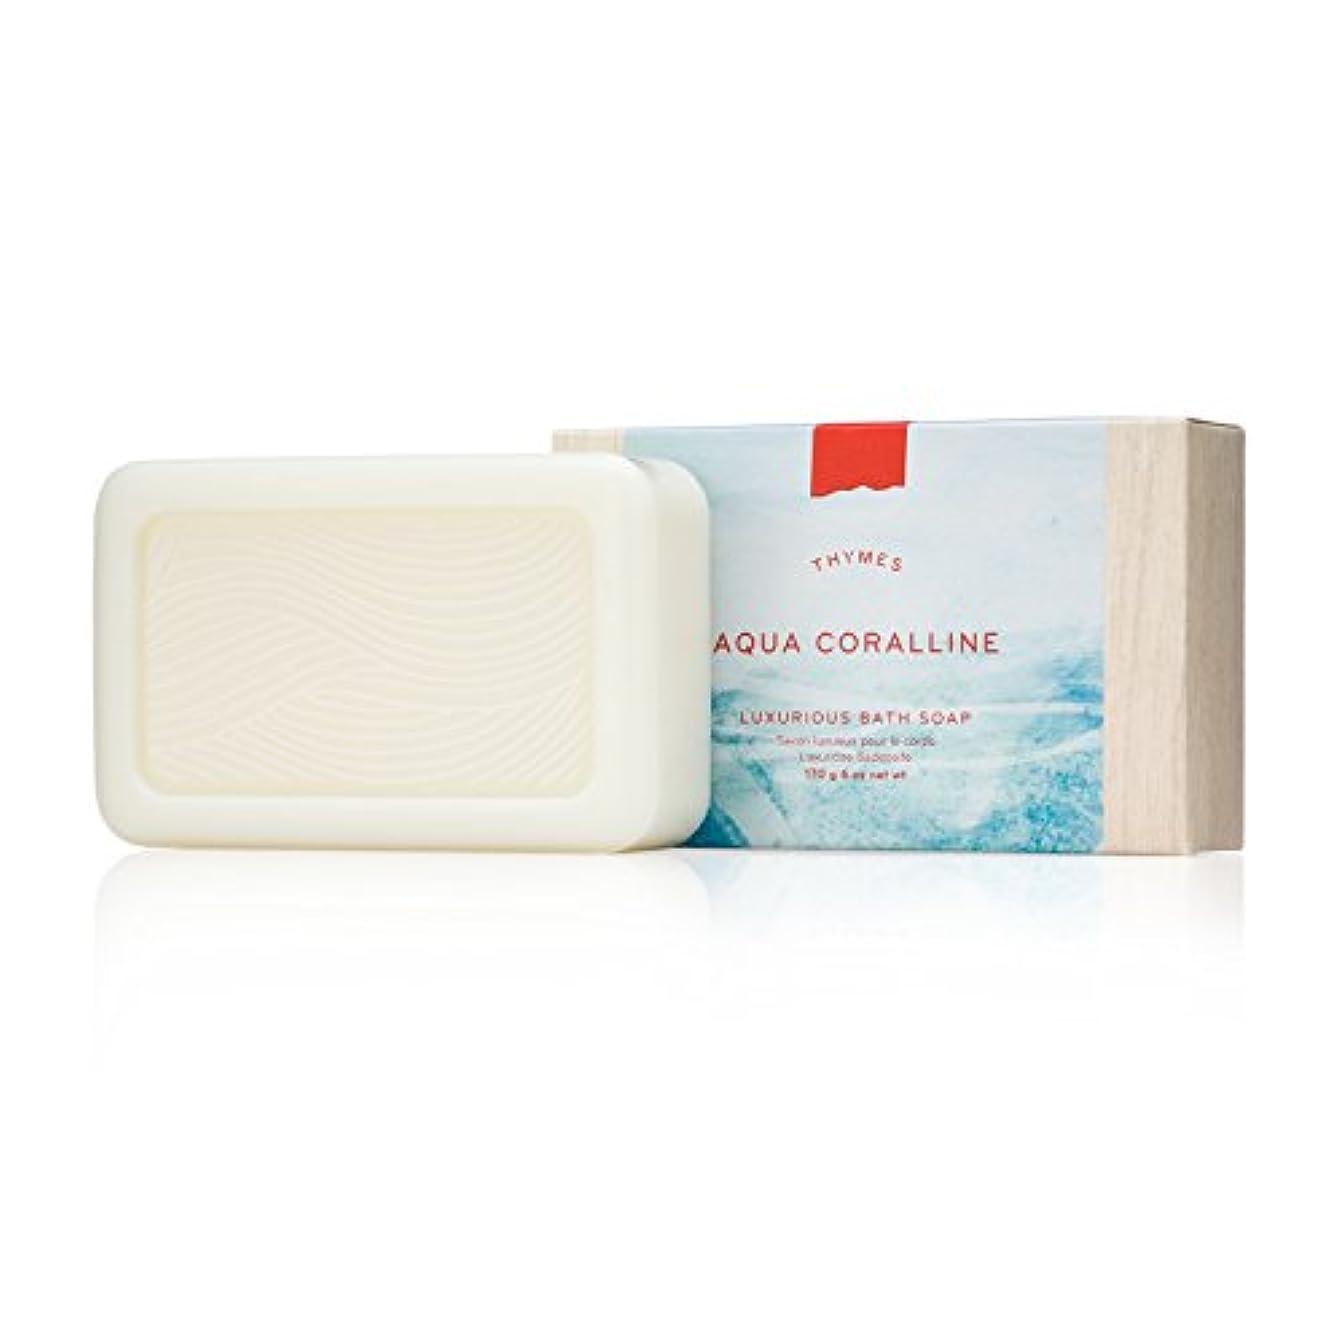 残り物お風呂を持っているアルバニータイムズ Aqua Coralline Luxurious Bath Soap 170g/6oz並行輸入品